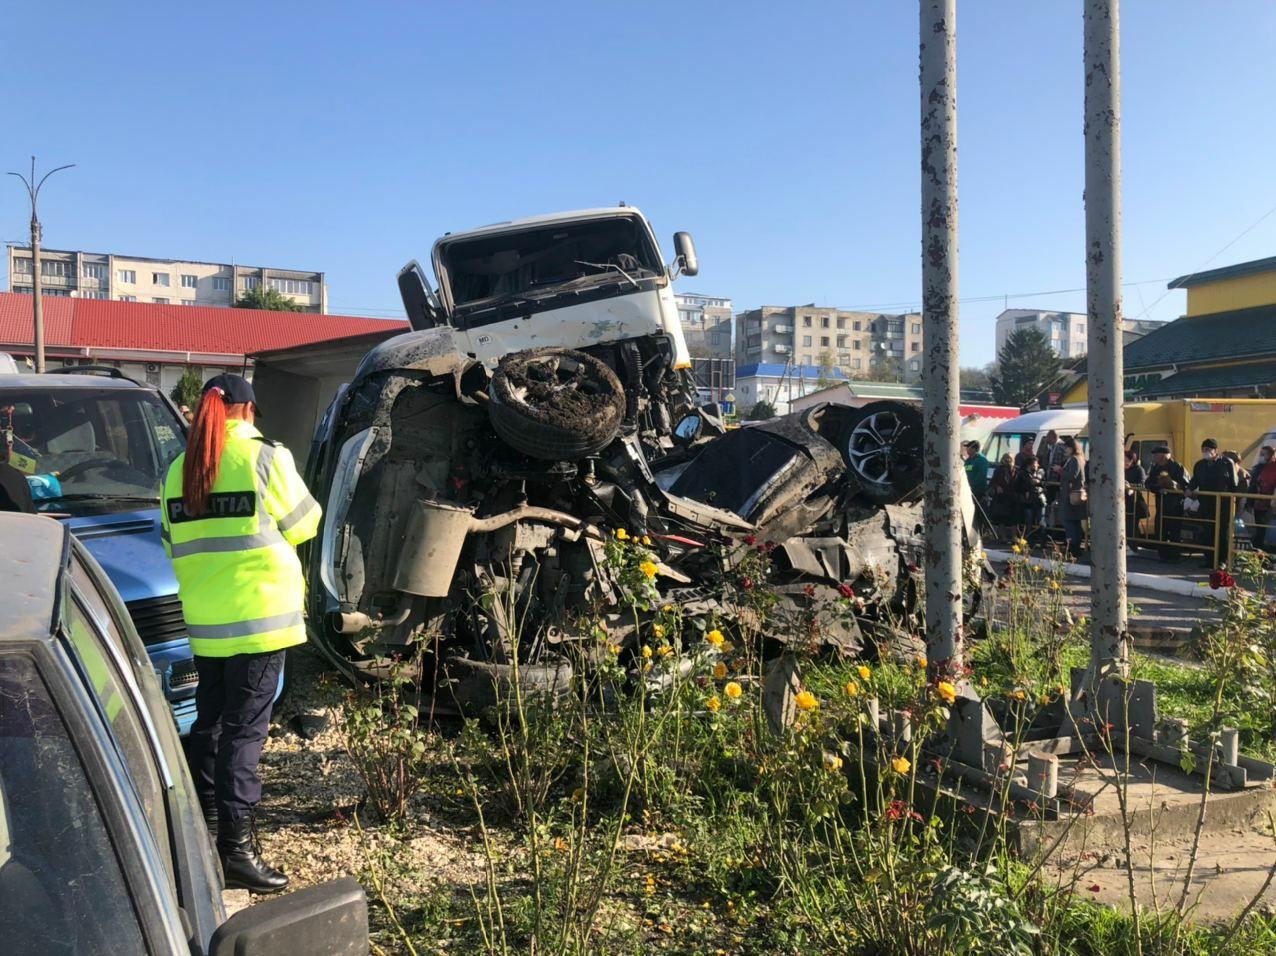 Un tractor plin cu pietriș a accidentat 4 autoturisme, în raionul Briceni. Au fost rănite mai multe persoane (FOTO)